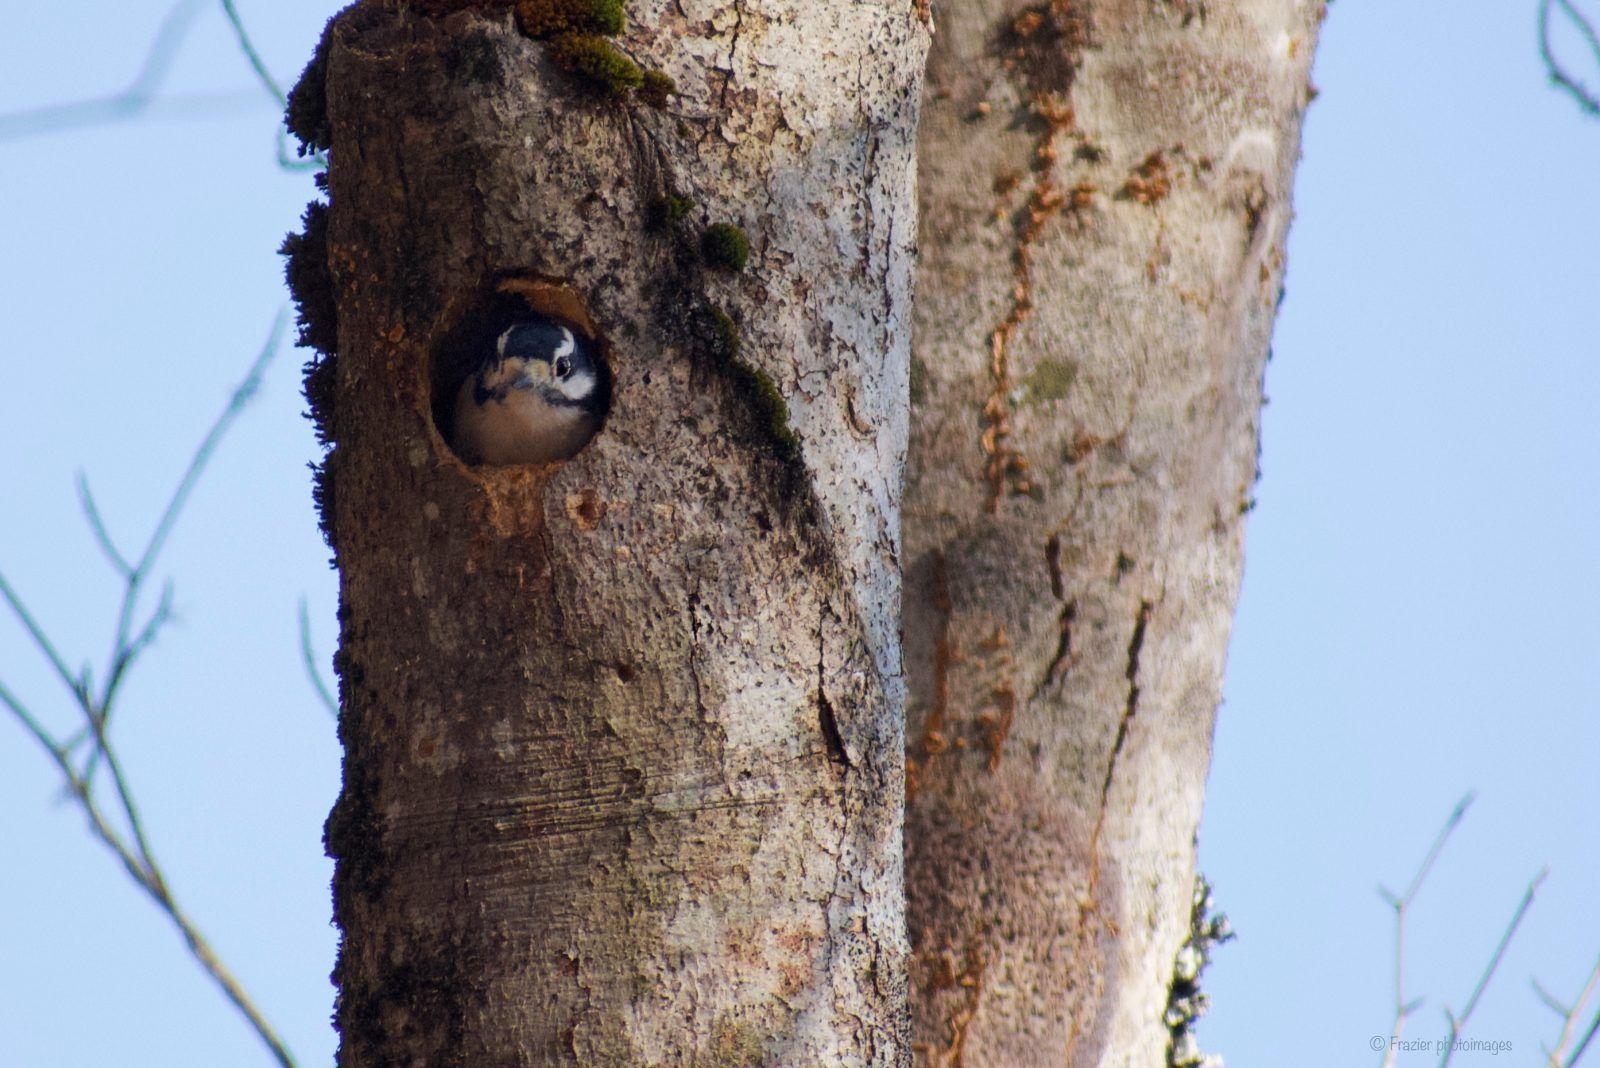 Downy Woodpecker by John Frazier